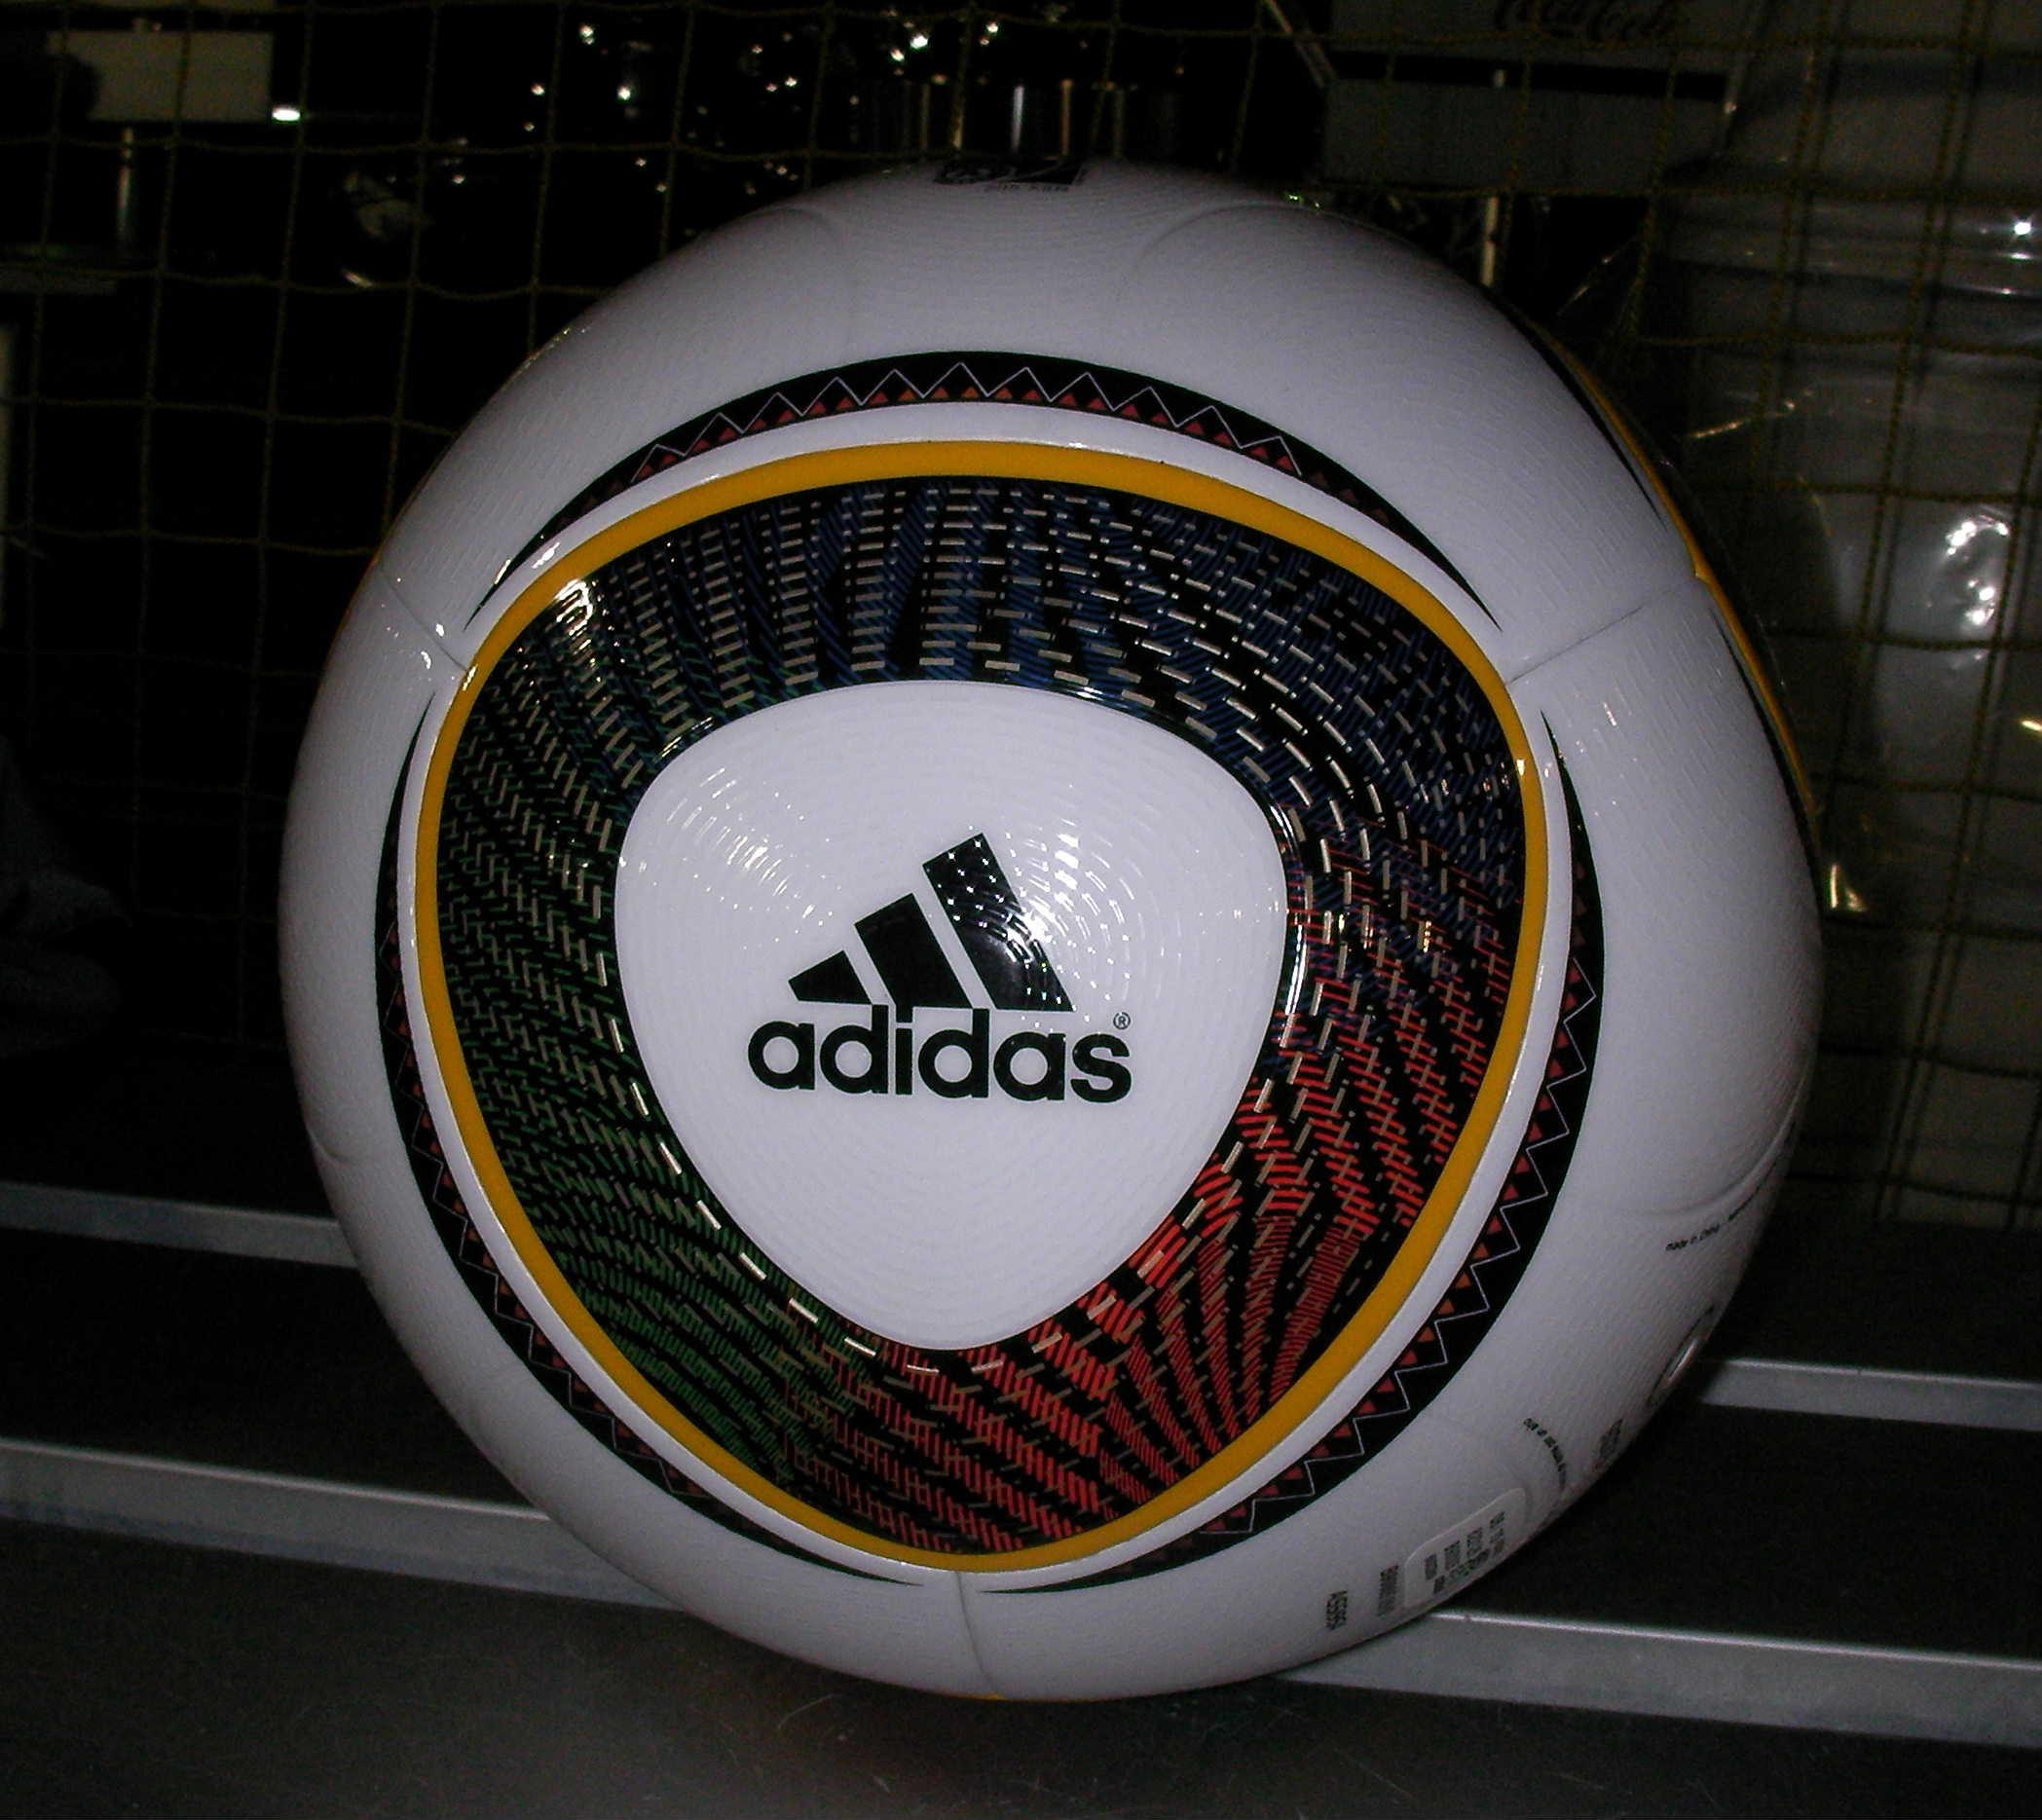 W杯公式球(JABULANI) 蹴ってきました!_a0059812_22313420.jpg